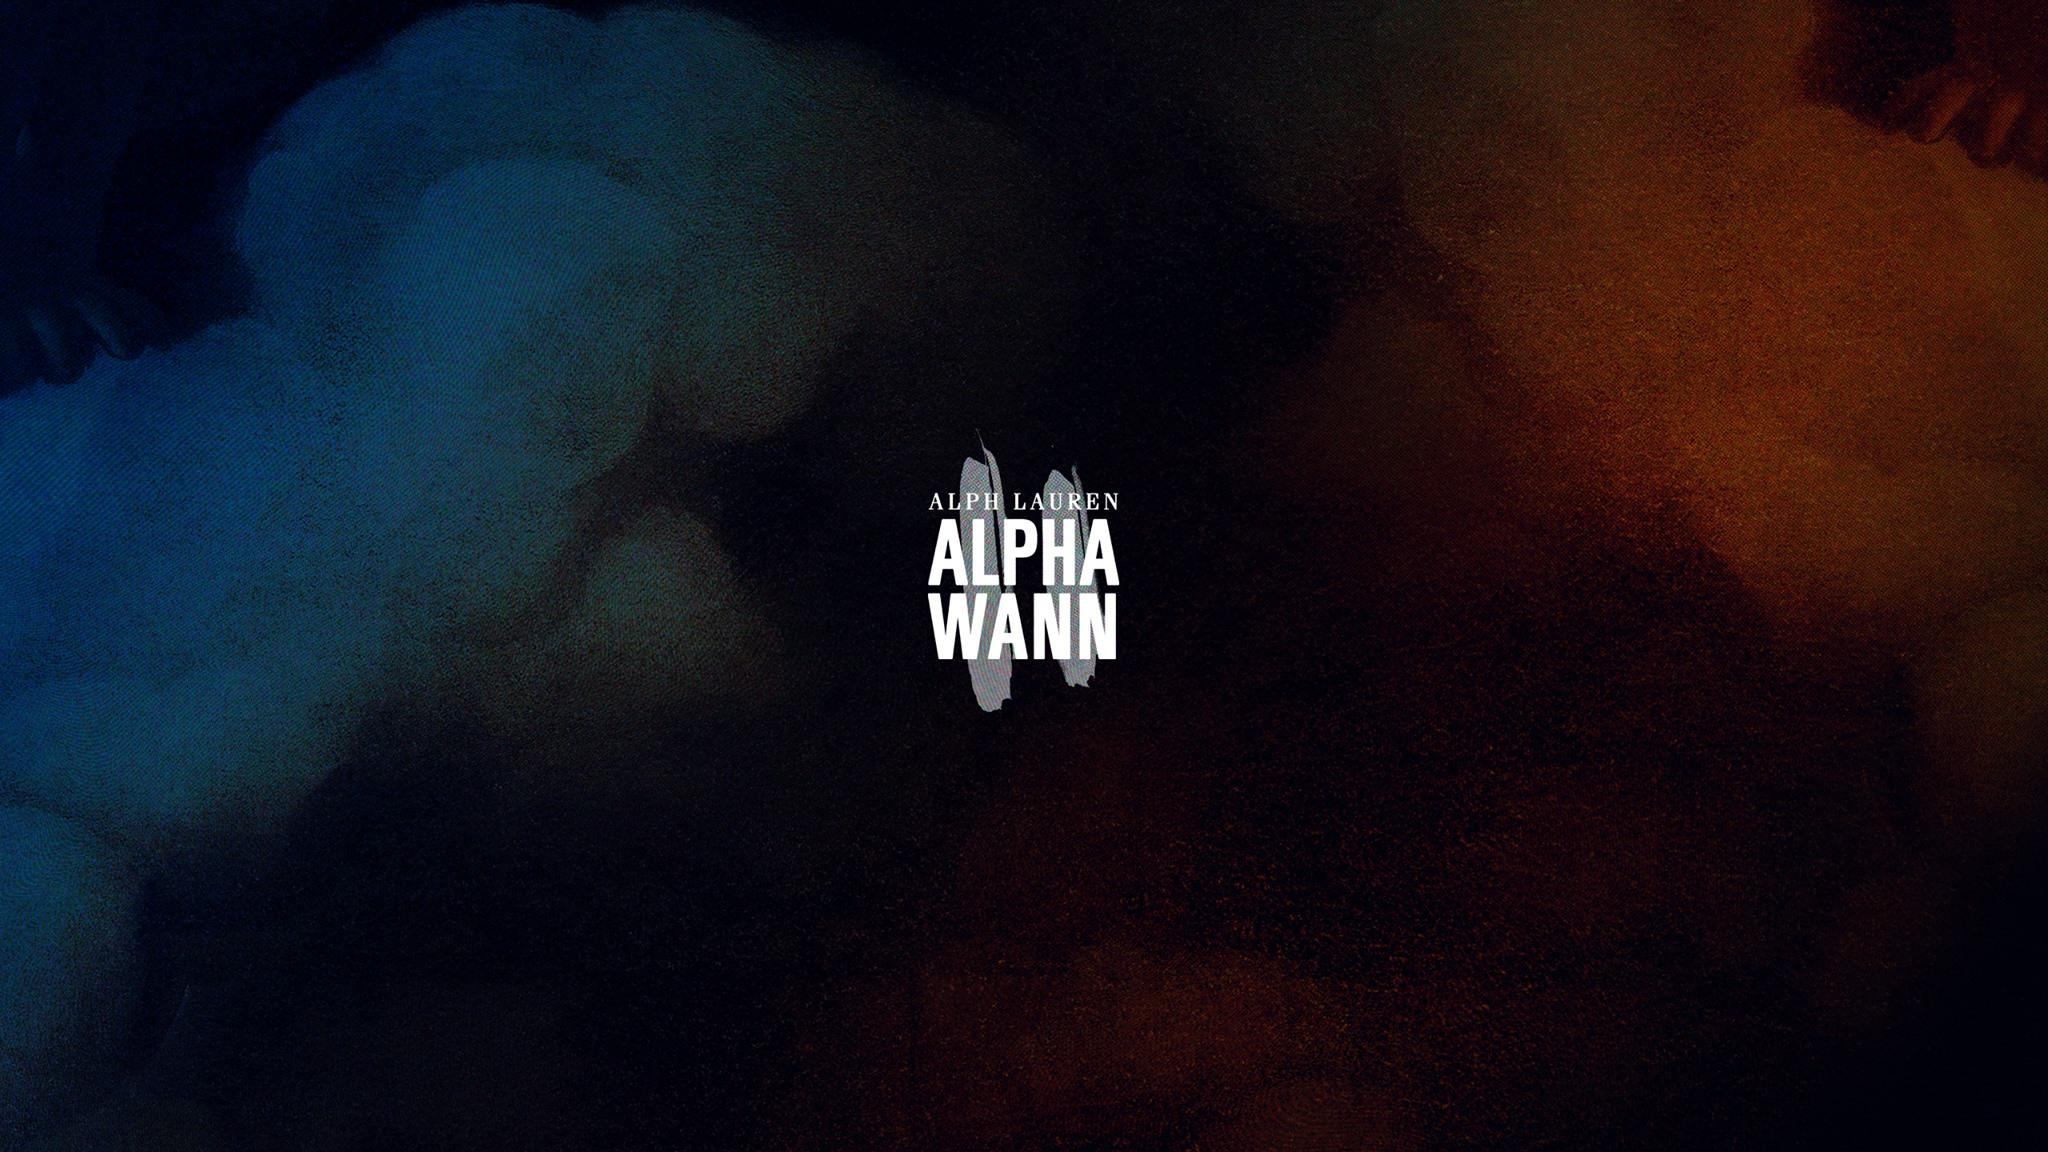 Le nouveau projet «Alph Lauren2» de Alpha Wann est maintenant disponible !